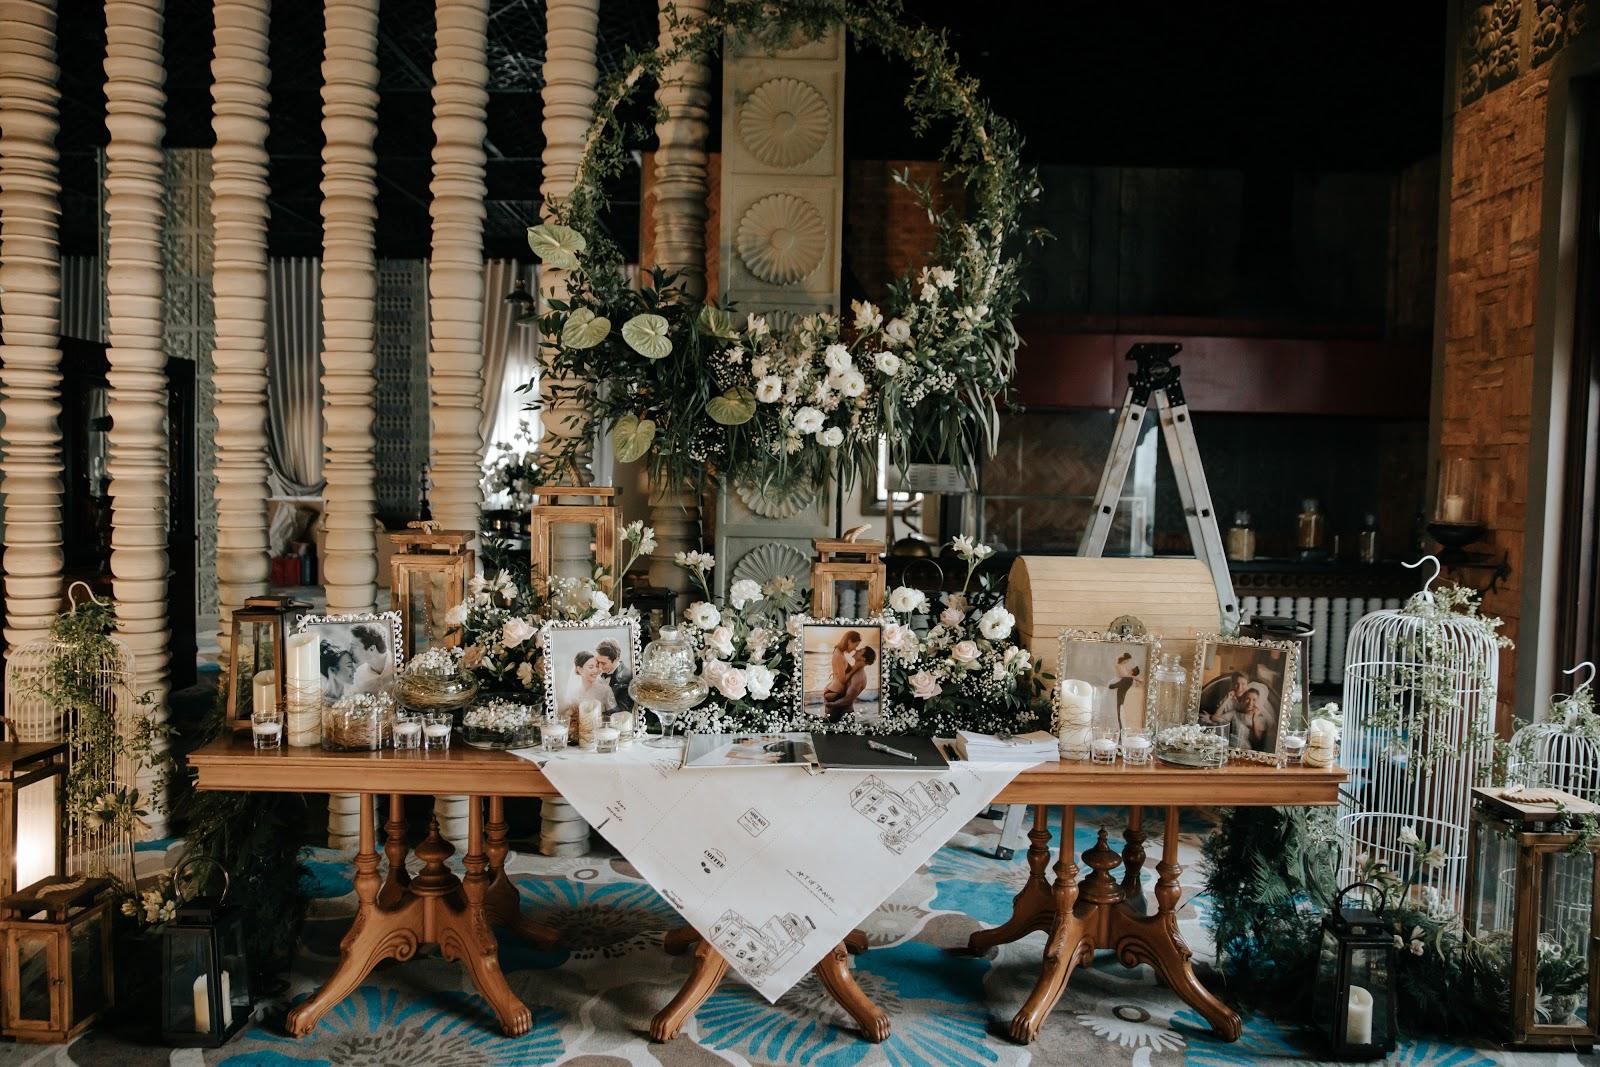 Hé lộ hình ảnh nhẫn kim cương và tiệc cưới xa hoa trong hôn lễ MC Hoàng Oanh 1